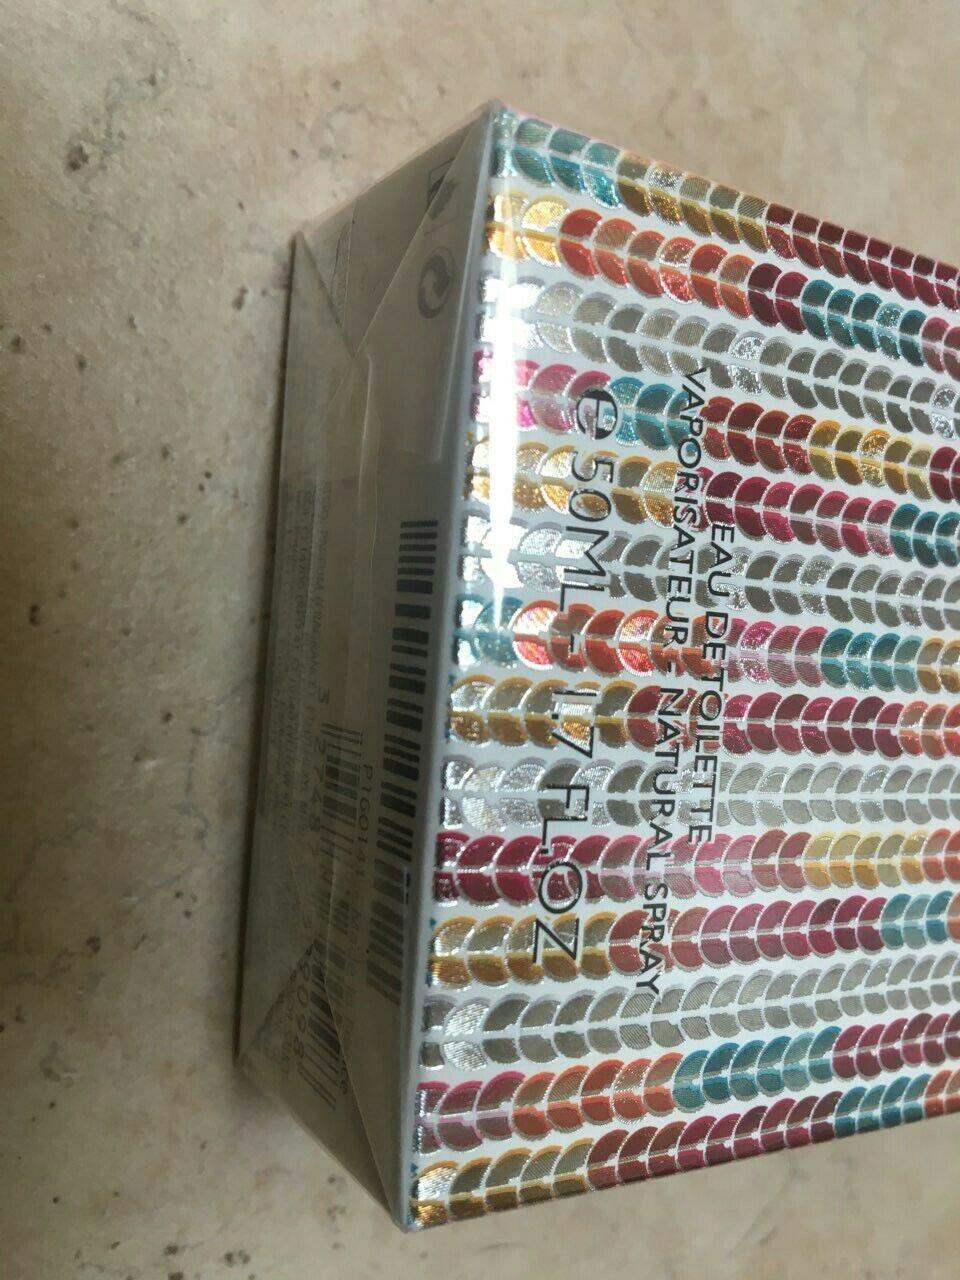 Eclats Precieux Givenchy Eau de Toilette For Women 1.7 FL OZ 50 ML New/Sealed image 2